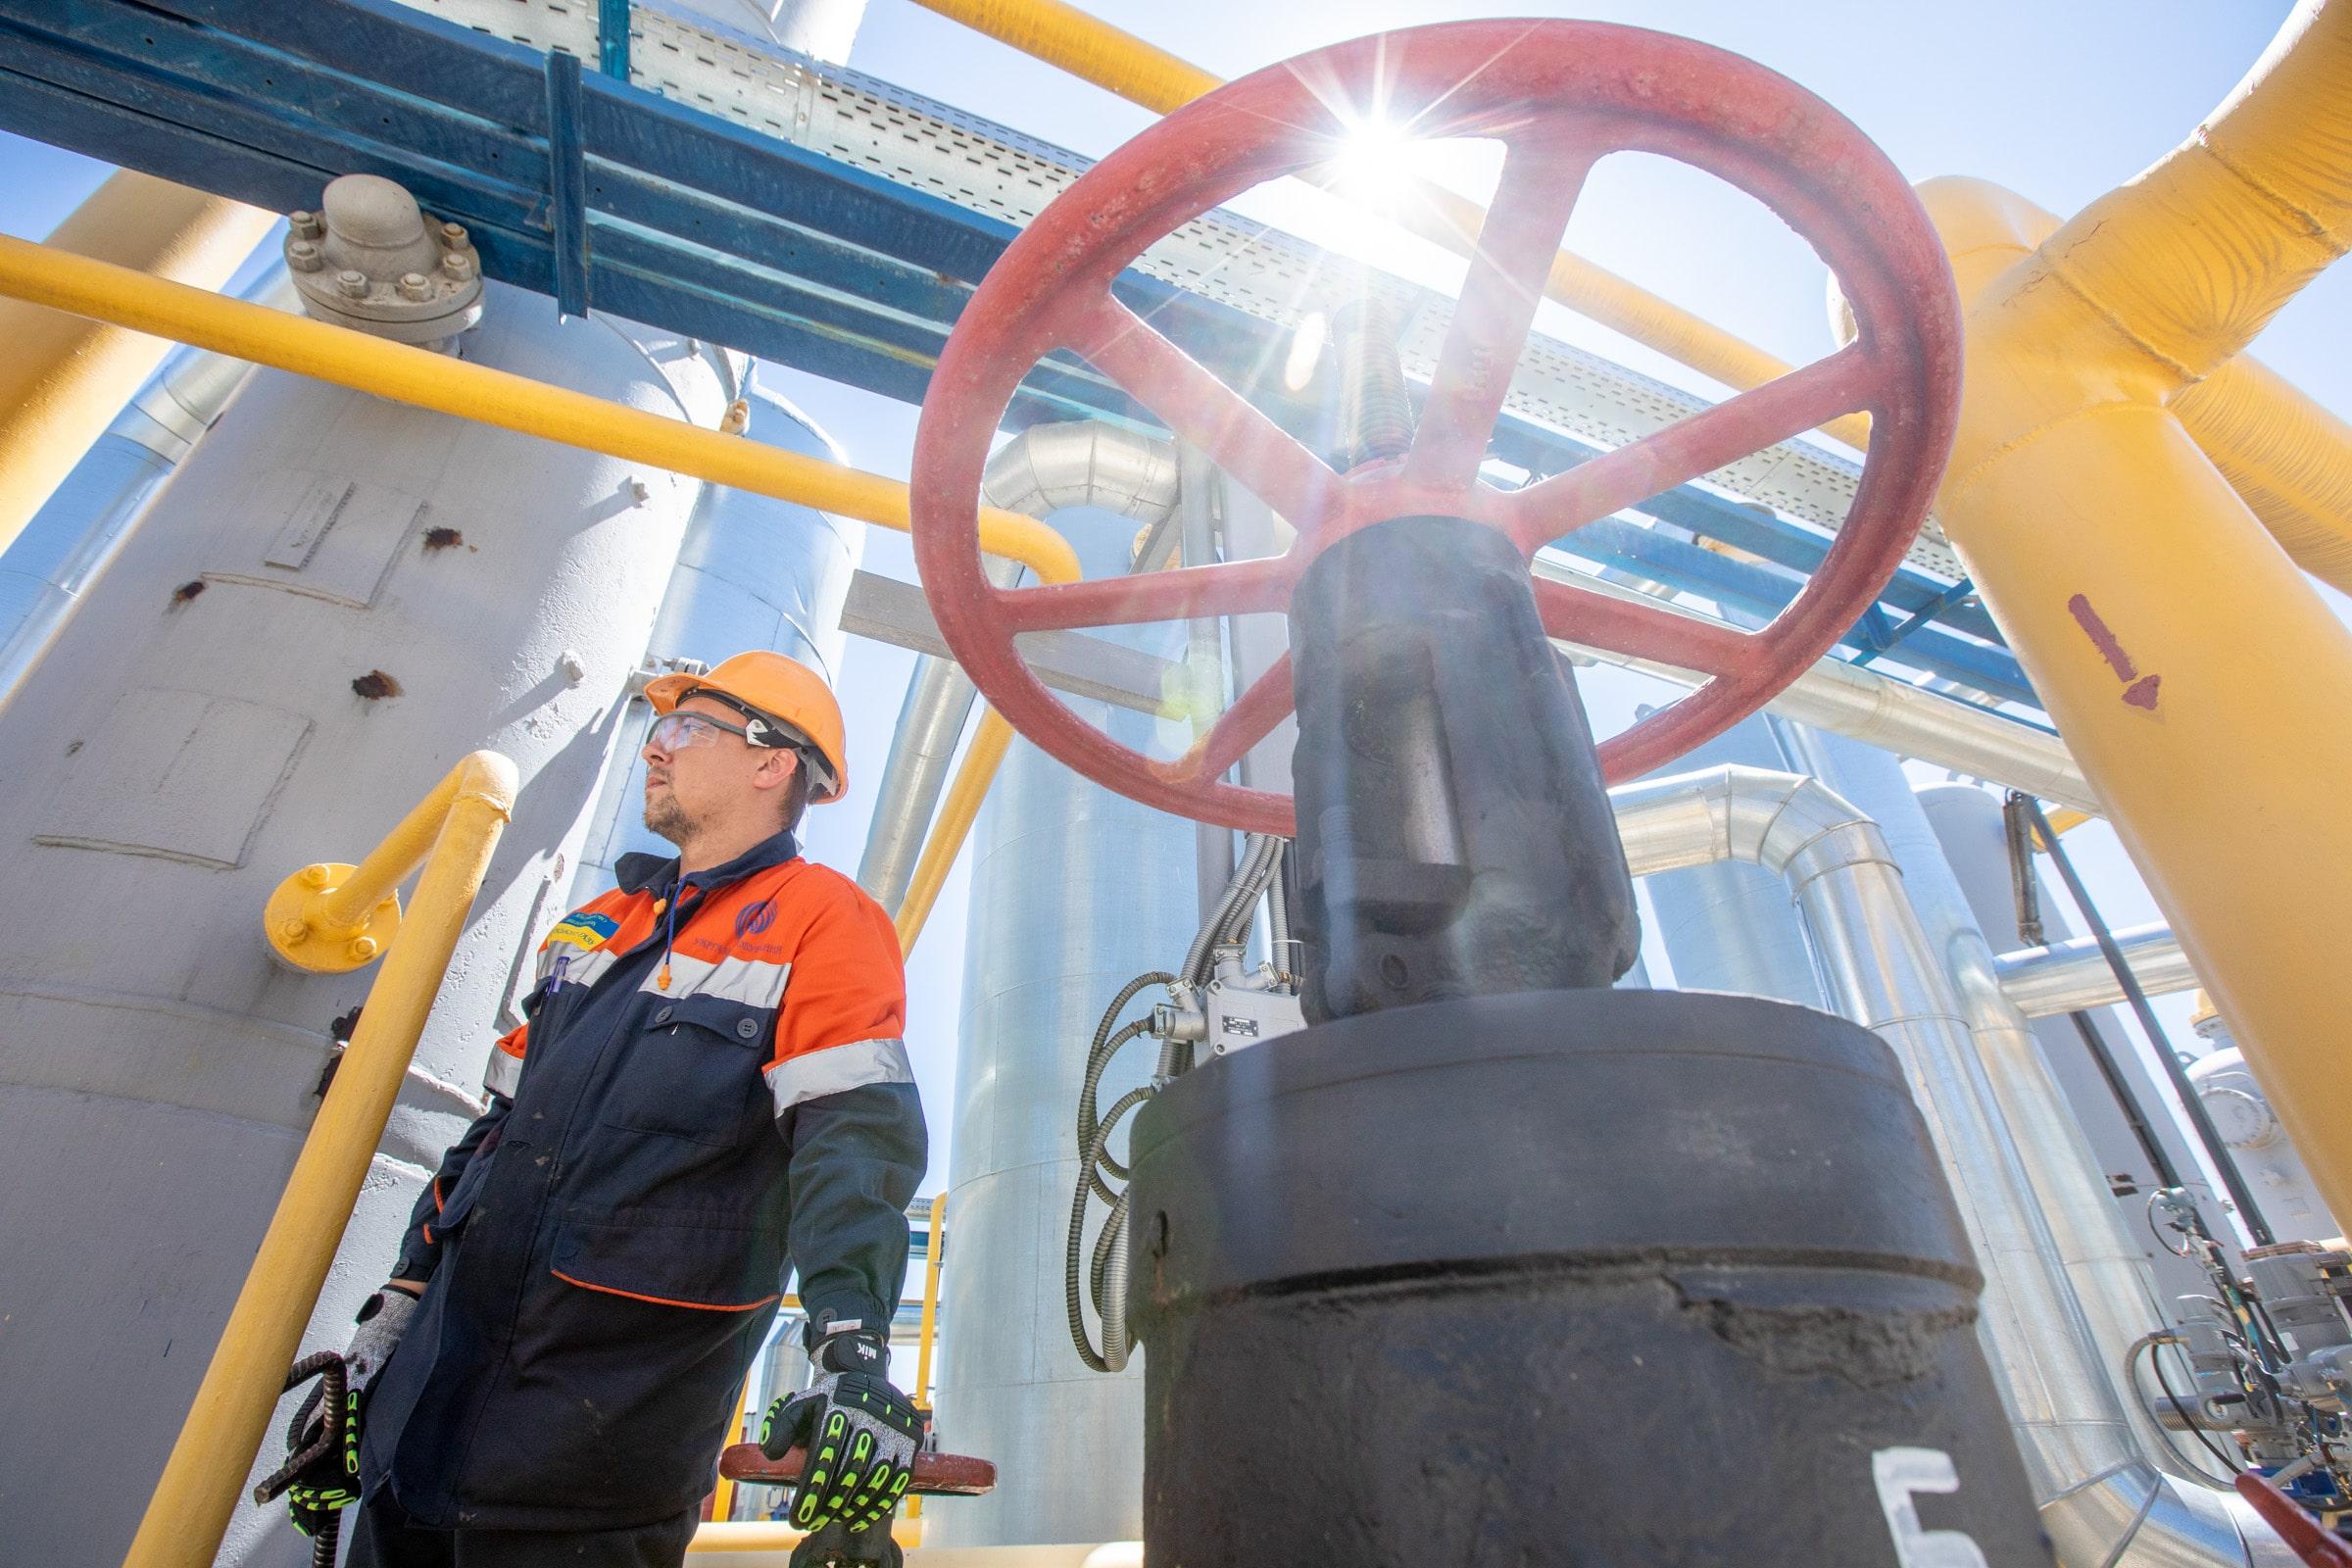 Нафтогаз впроваджує новий програмний комплекс для збору даних із вузлів обліку природного газу, рідких вуглеводнів та електроенергії